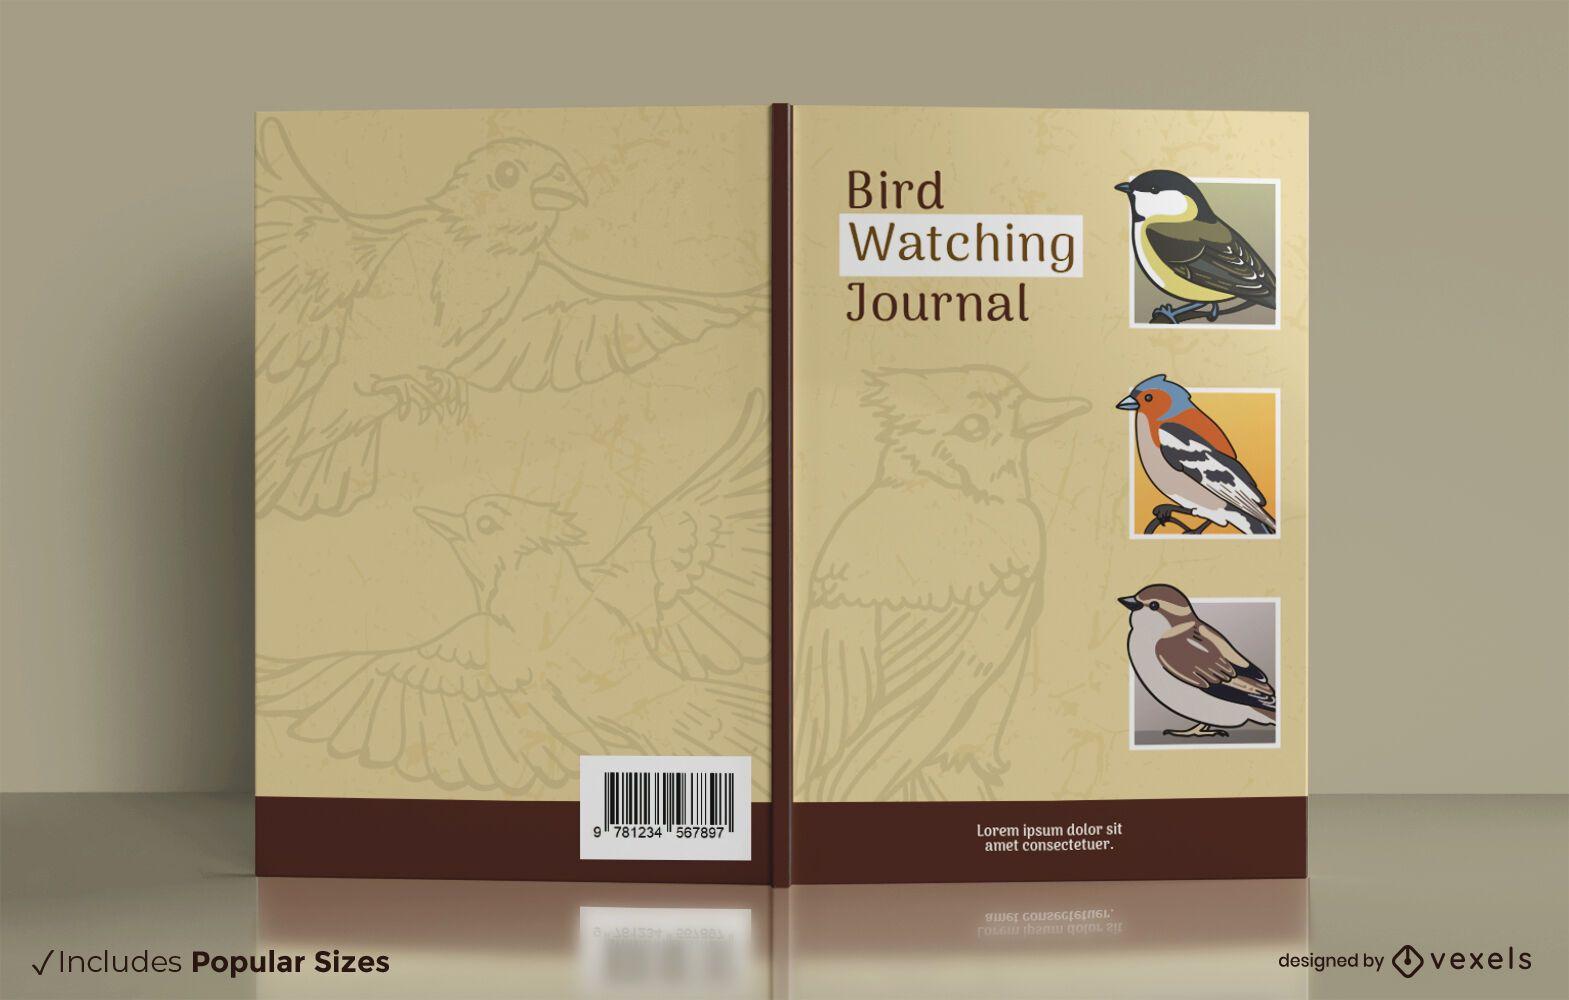 Diseño de portada de revista de observación de aves.